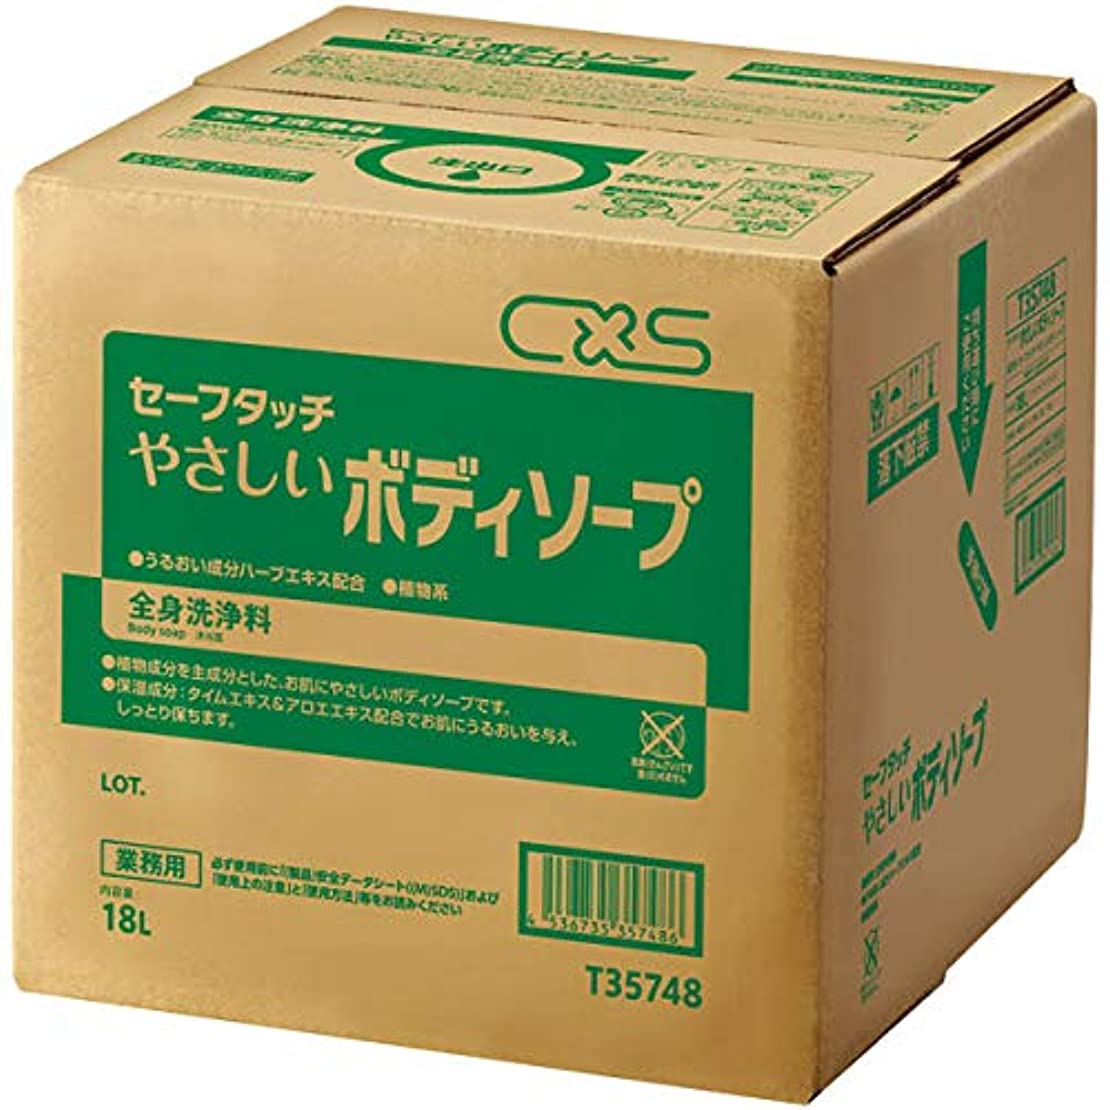 ピービッシュボタン有料シーバイエス 全身洗浄料セーフタッチやさしいボディソープ 18L (T35748) 1個